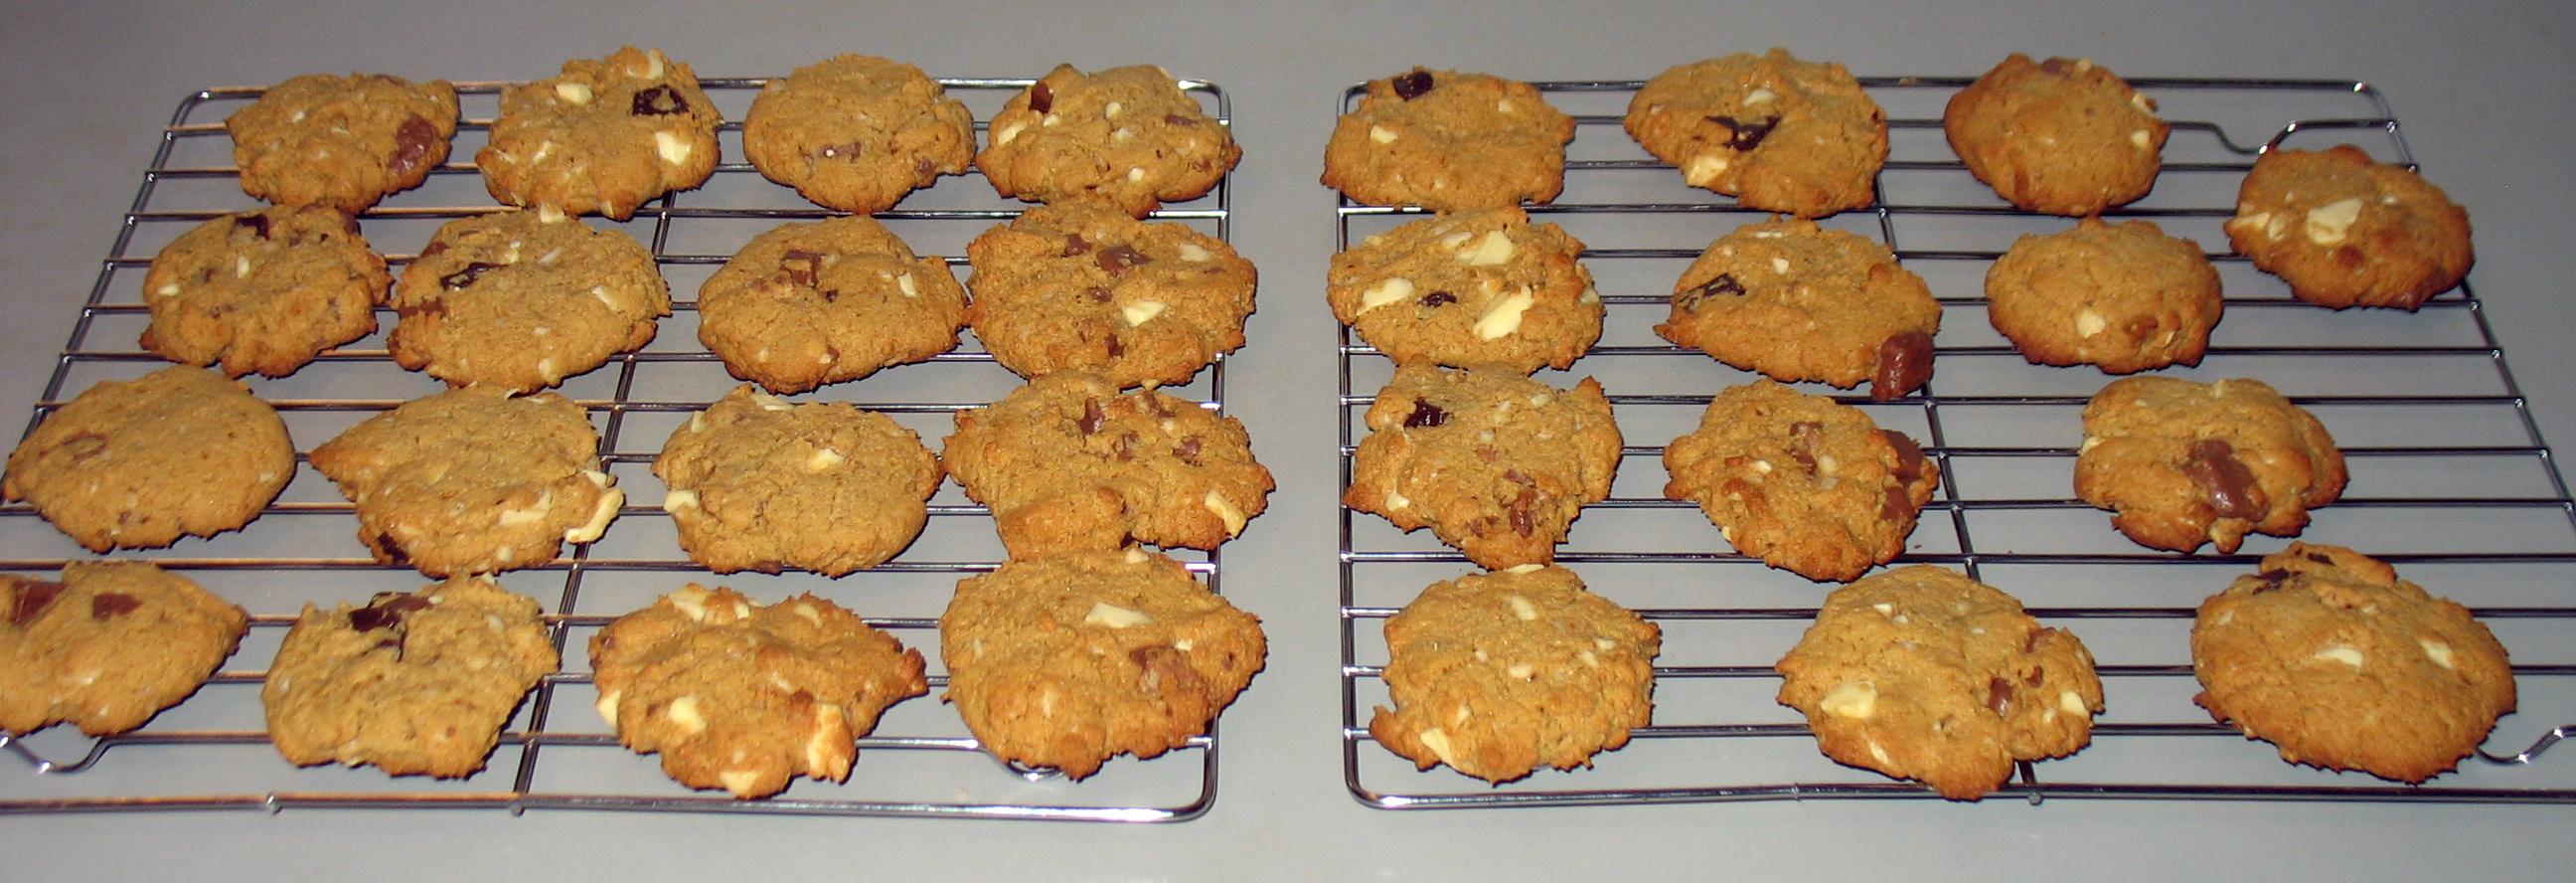 Cookies - baked